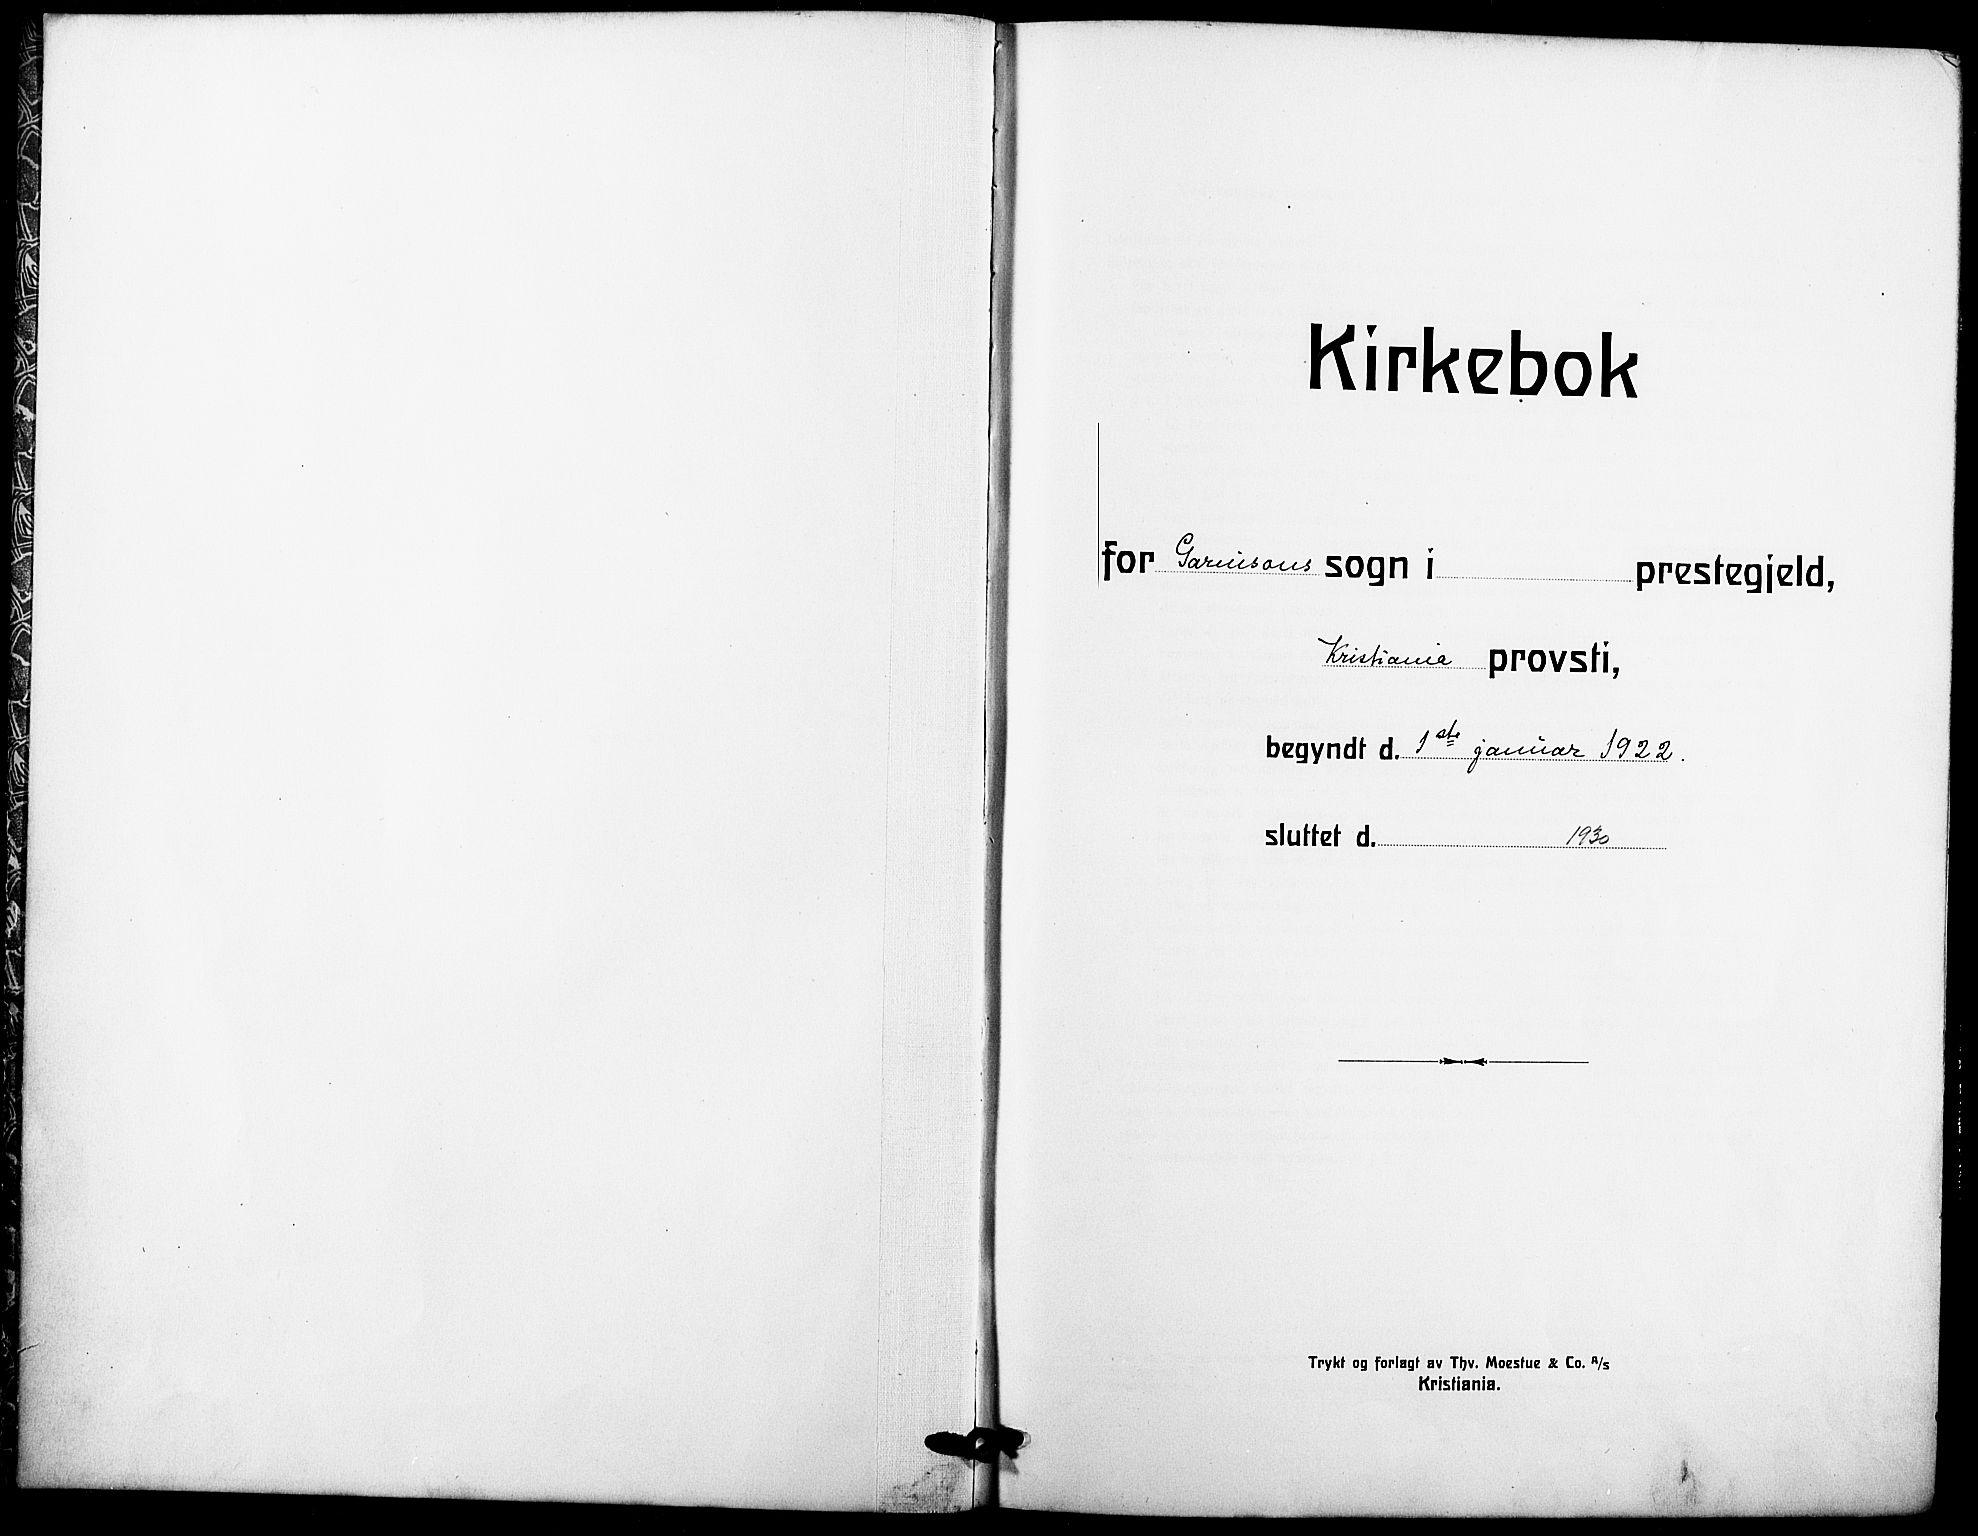 SAO, Garnisonsmenigheten Kirkebøker, F/Fa/L0016: Ministerialbok nr. 16, 1922-1930